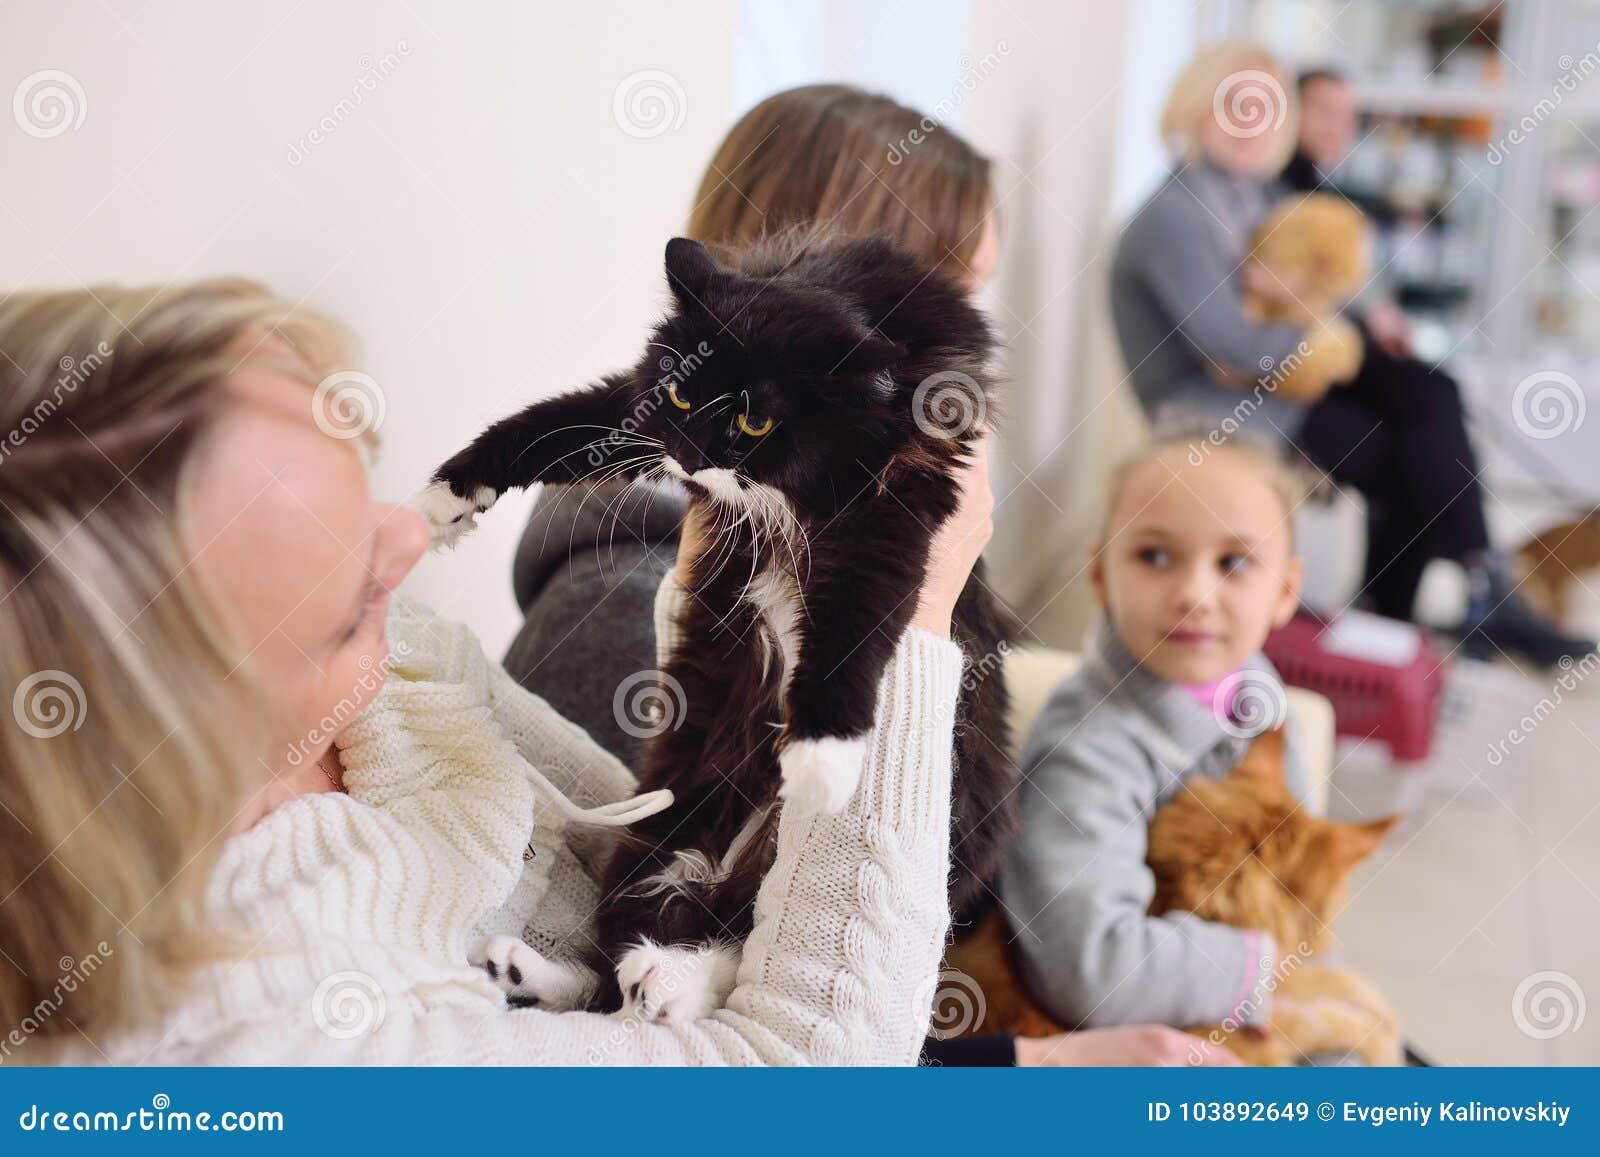 La gente con i loro animali domestici sta aspettando un esame medico alla clinica veterinaria Salute degli animali